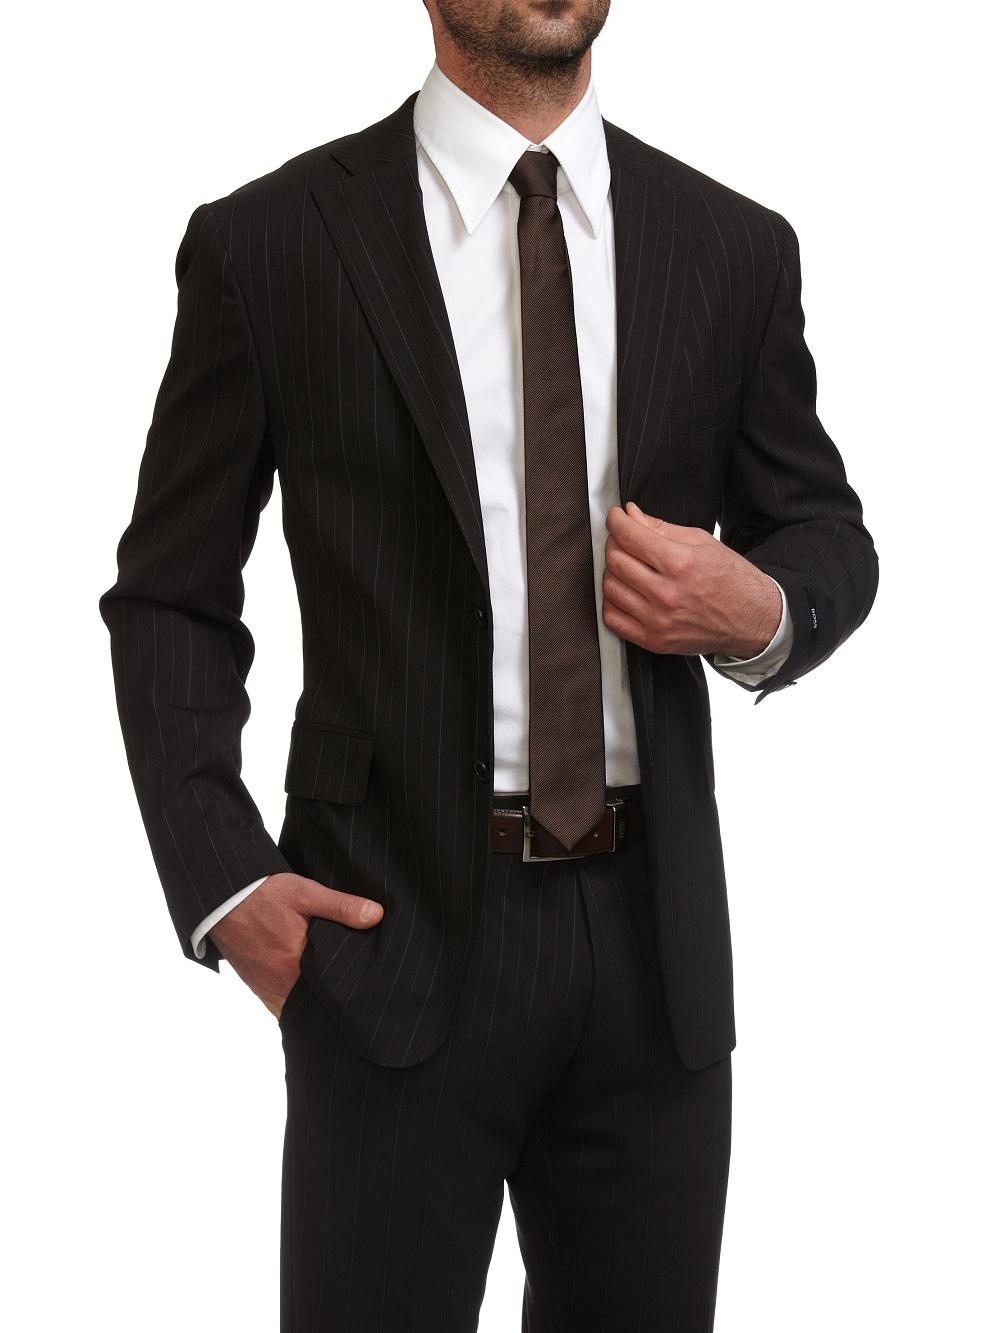 اشكال البدل الرجالي الجديدة (2)